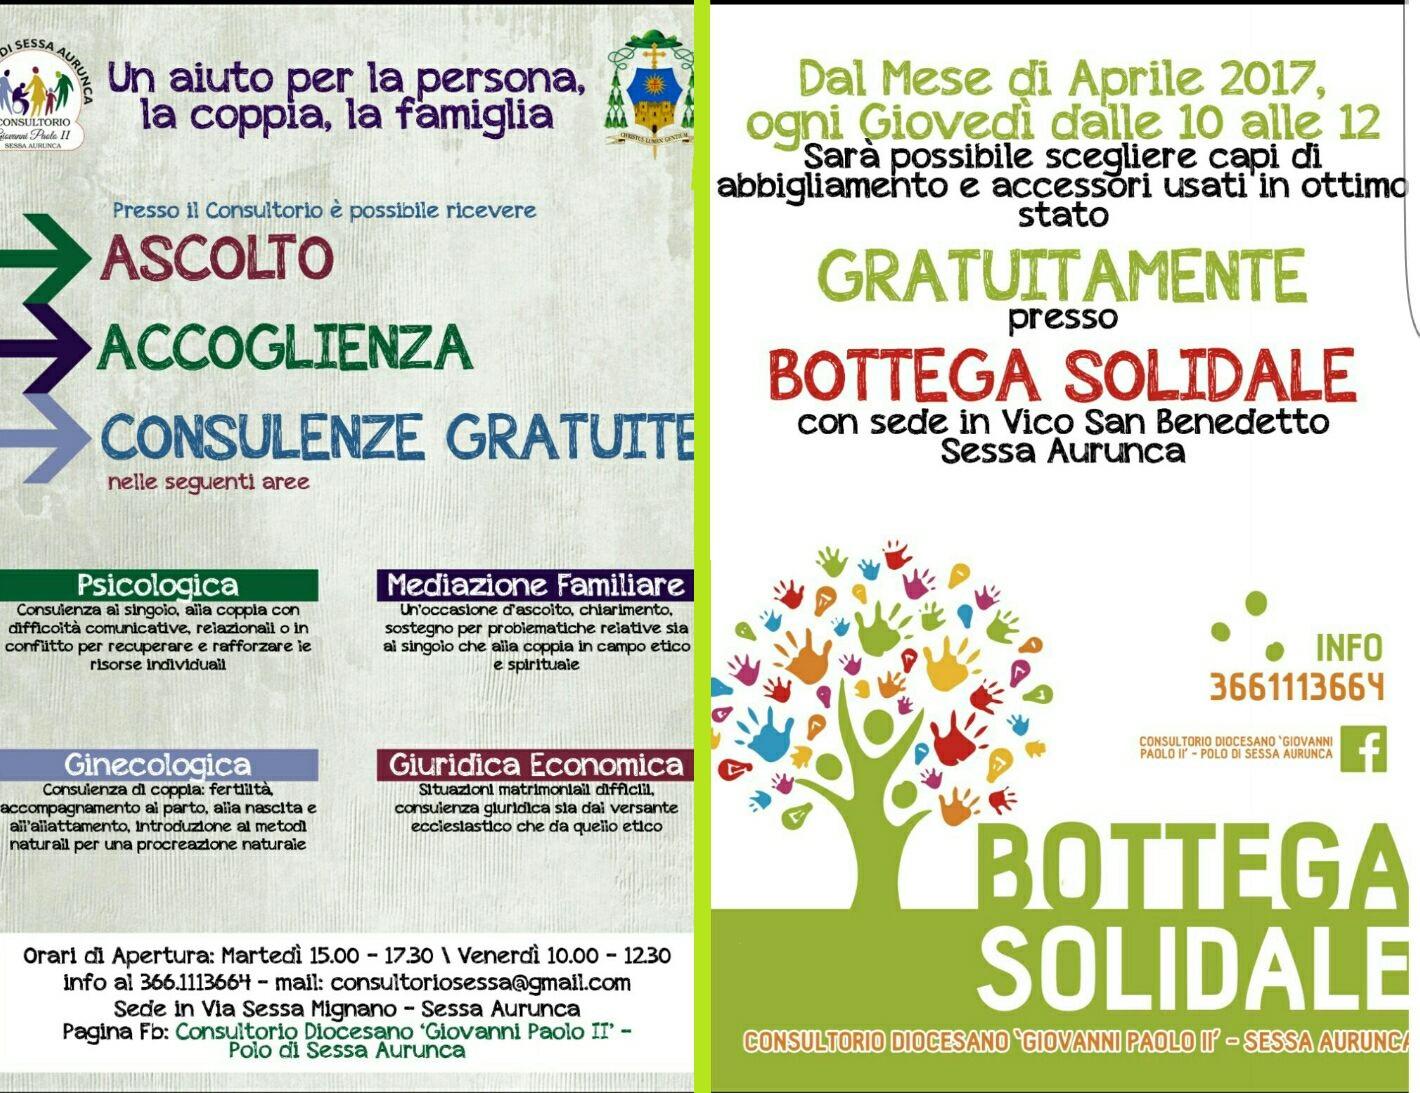 Consultorio diocesano - Bottega solidale